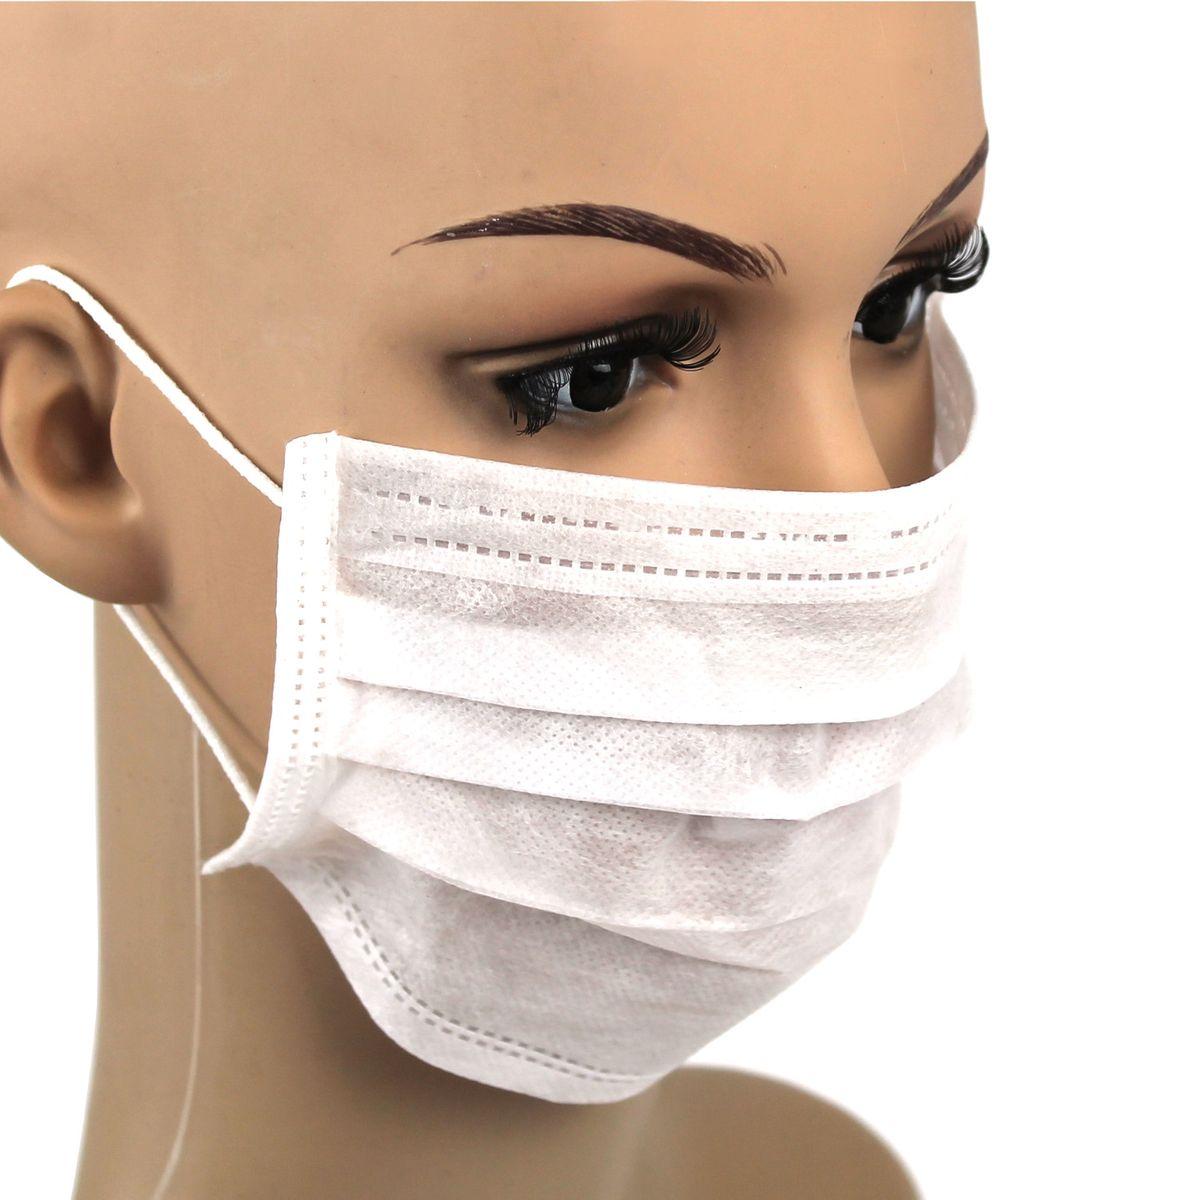 Erfreut Gans Maske Vorlage Zeitgenössisch - Beispiel Anschreiben für ...